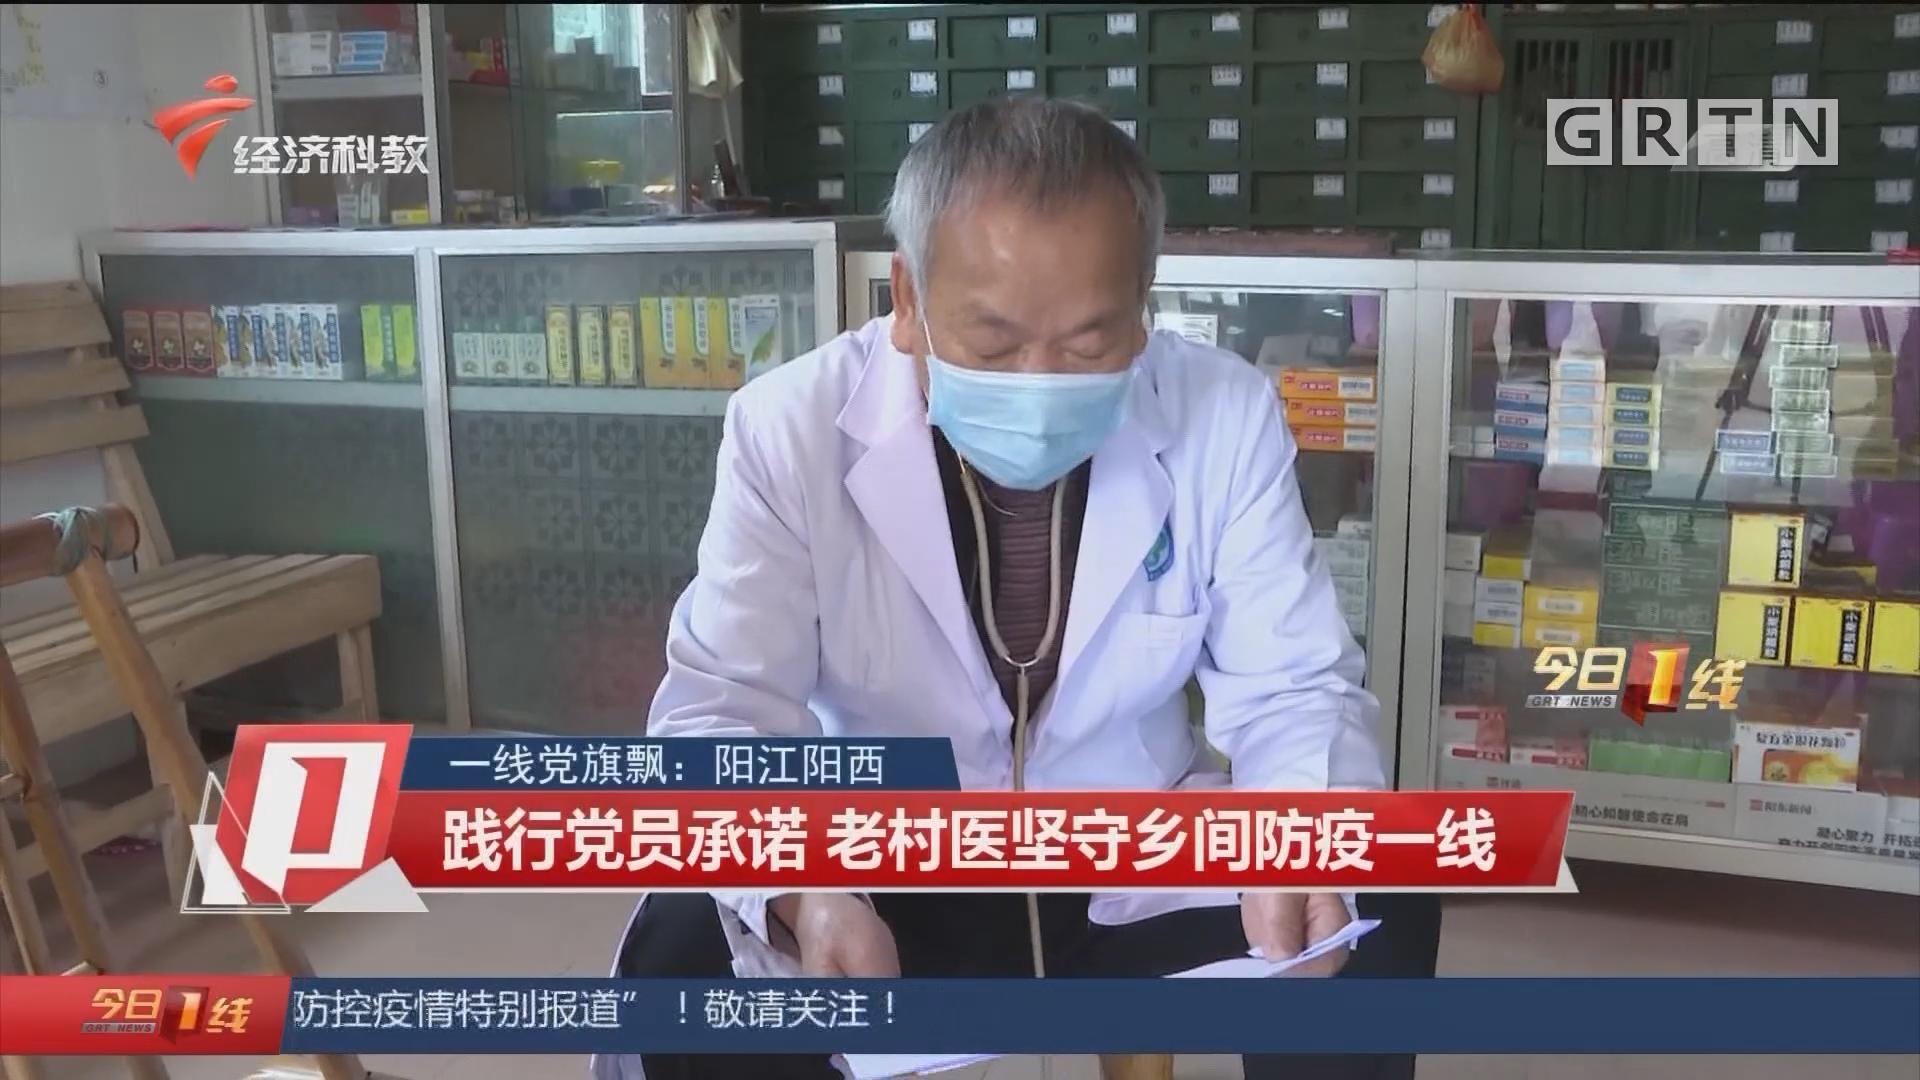 一线党旗飘:阳江阳西 践行党员承诺 老村医坚守乡间防疫一线